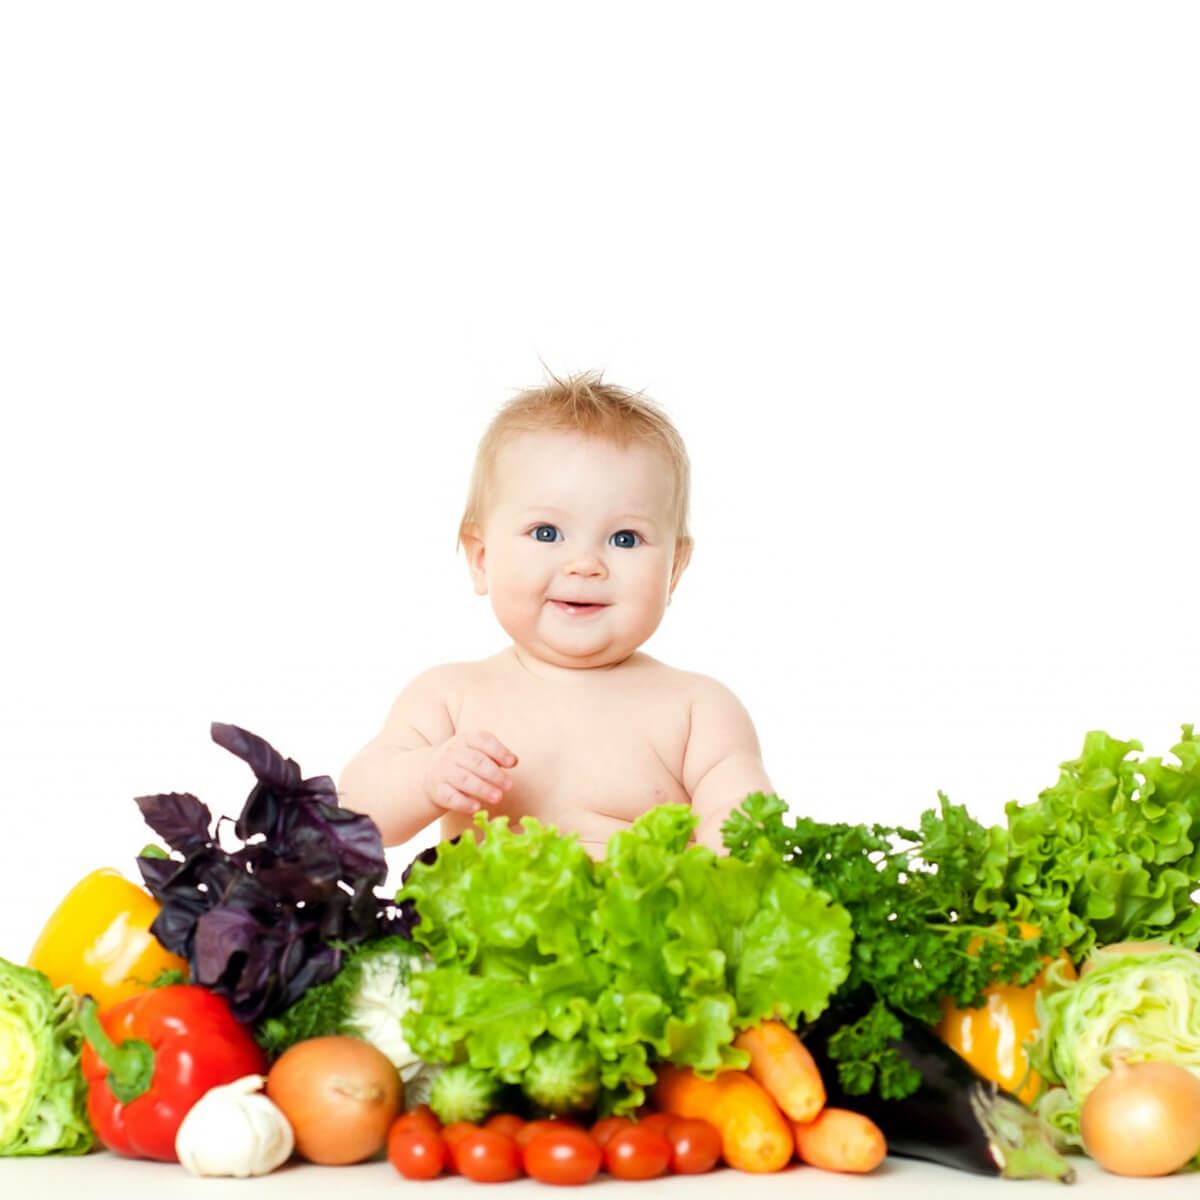 غذاهای سرشار از آهن برای کودکان